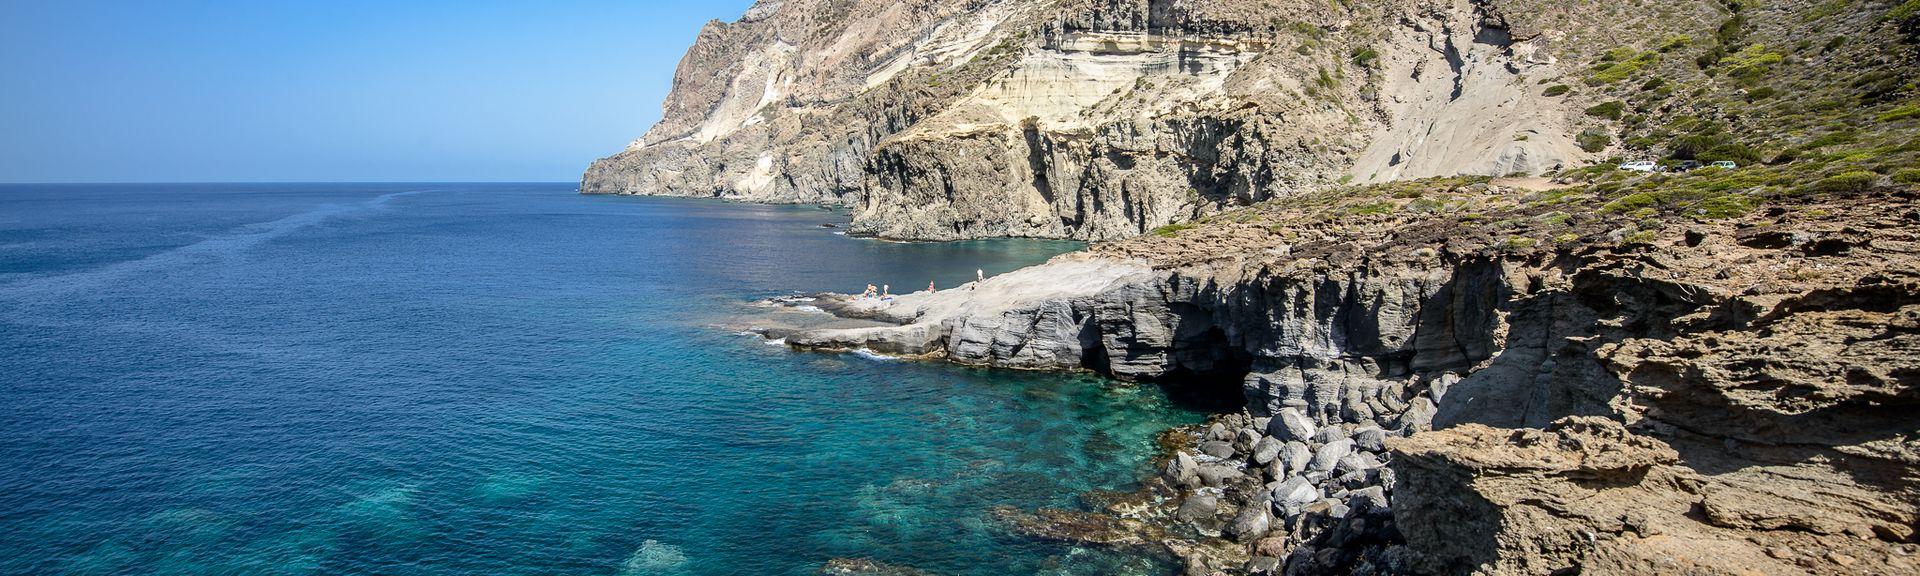 Martingana, Trapani, Sicily, Italy